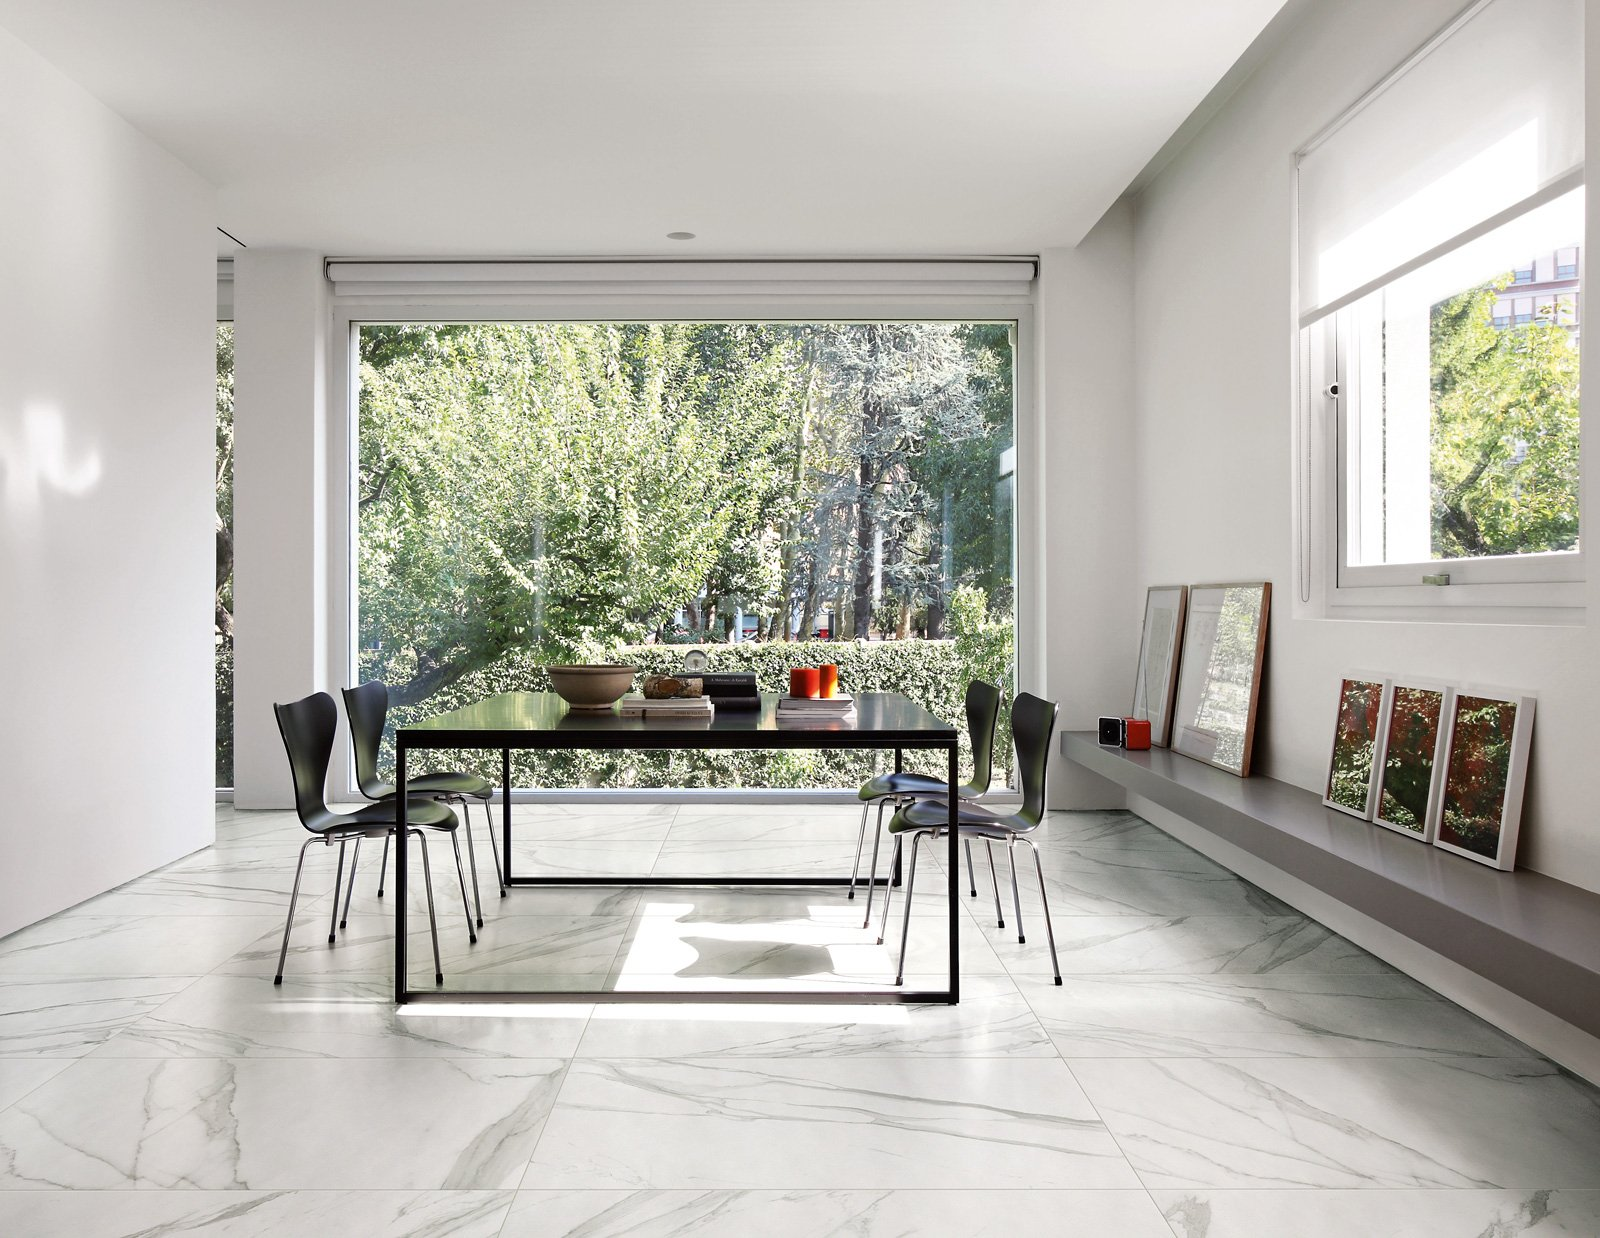 Piastrelle in gres scegliere il fascino eterno del marmo for Grandi pavimenti del garage